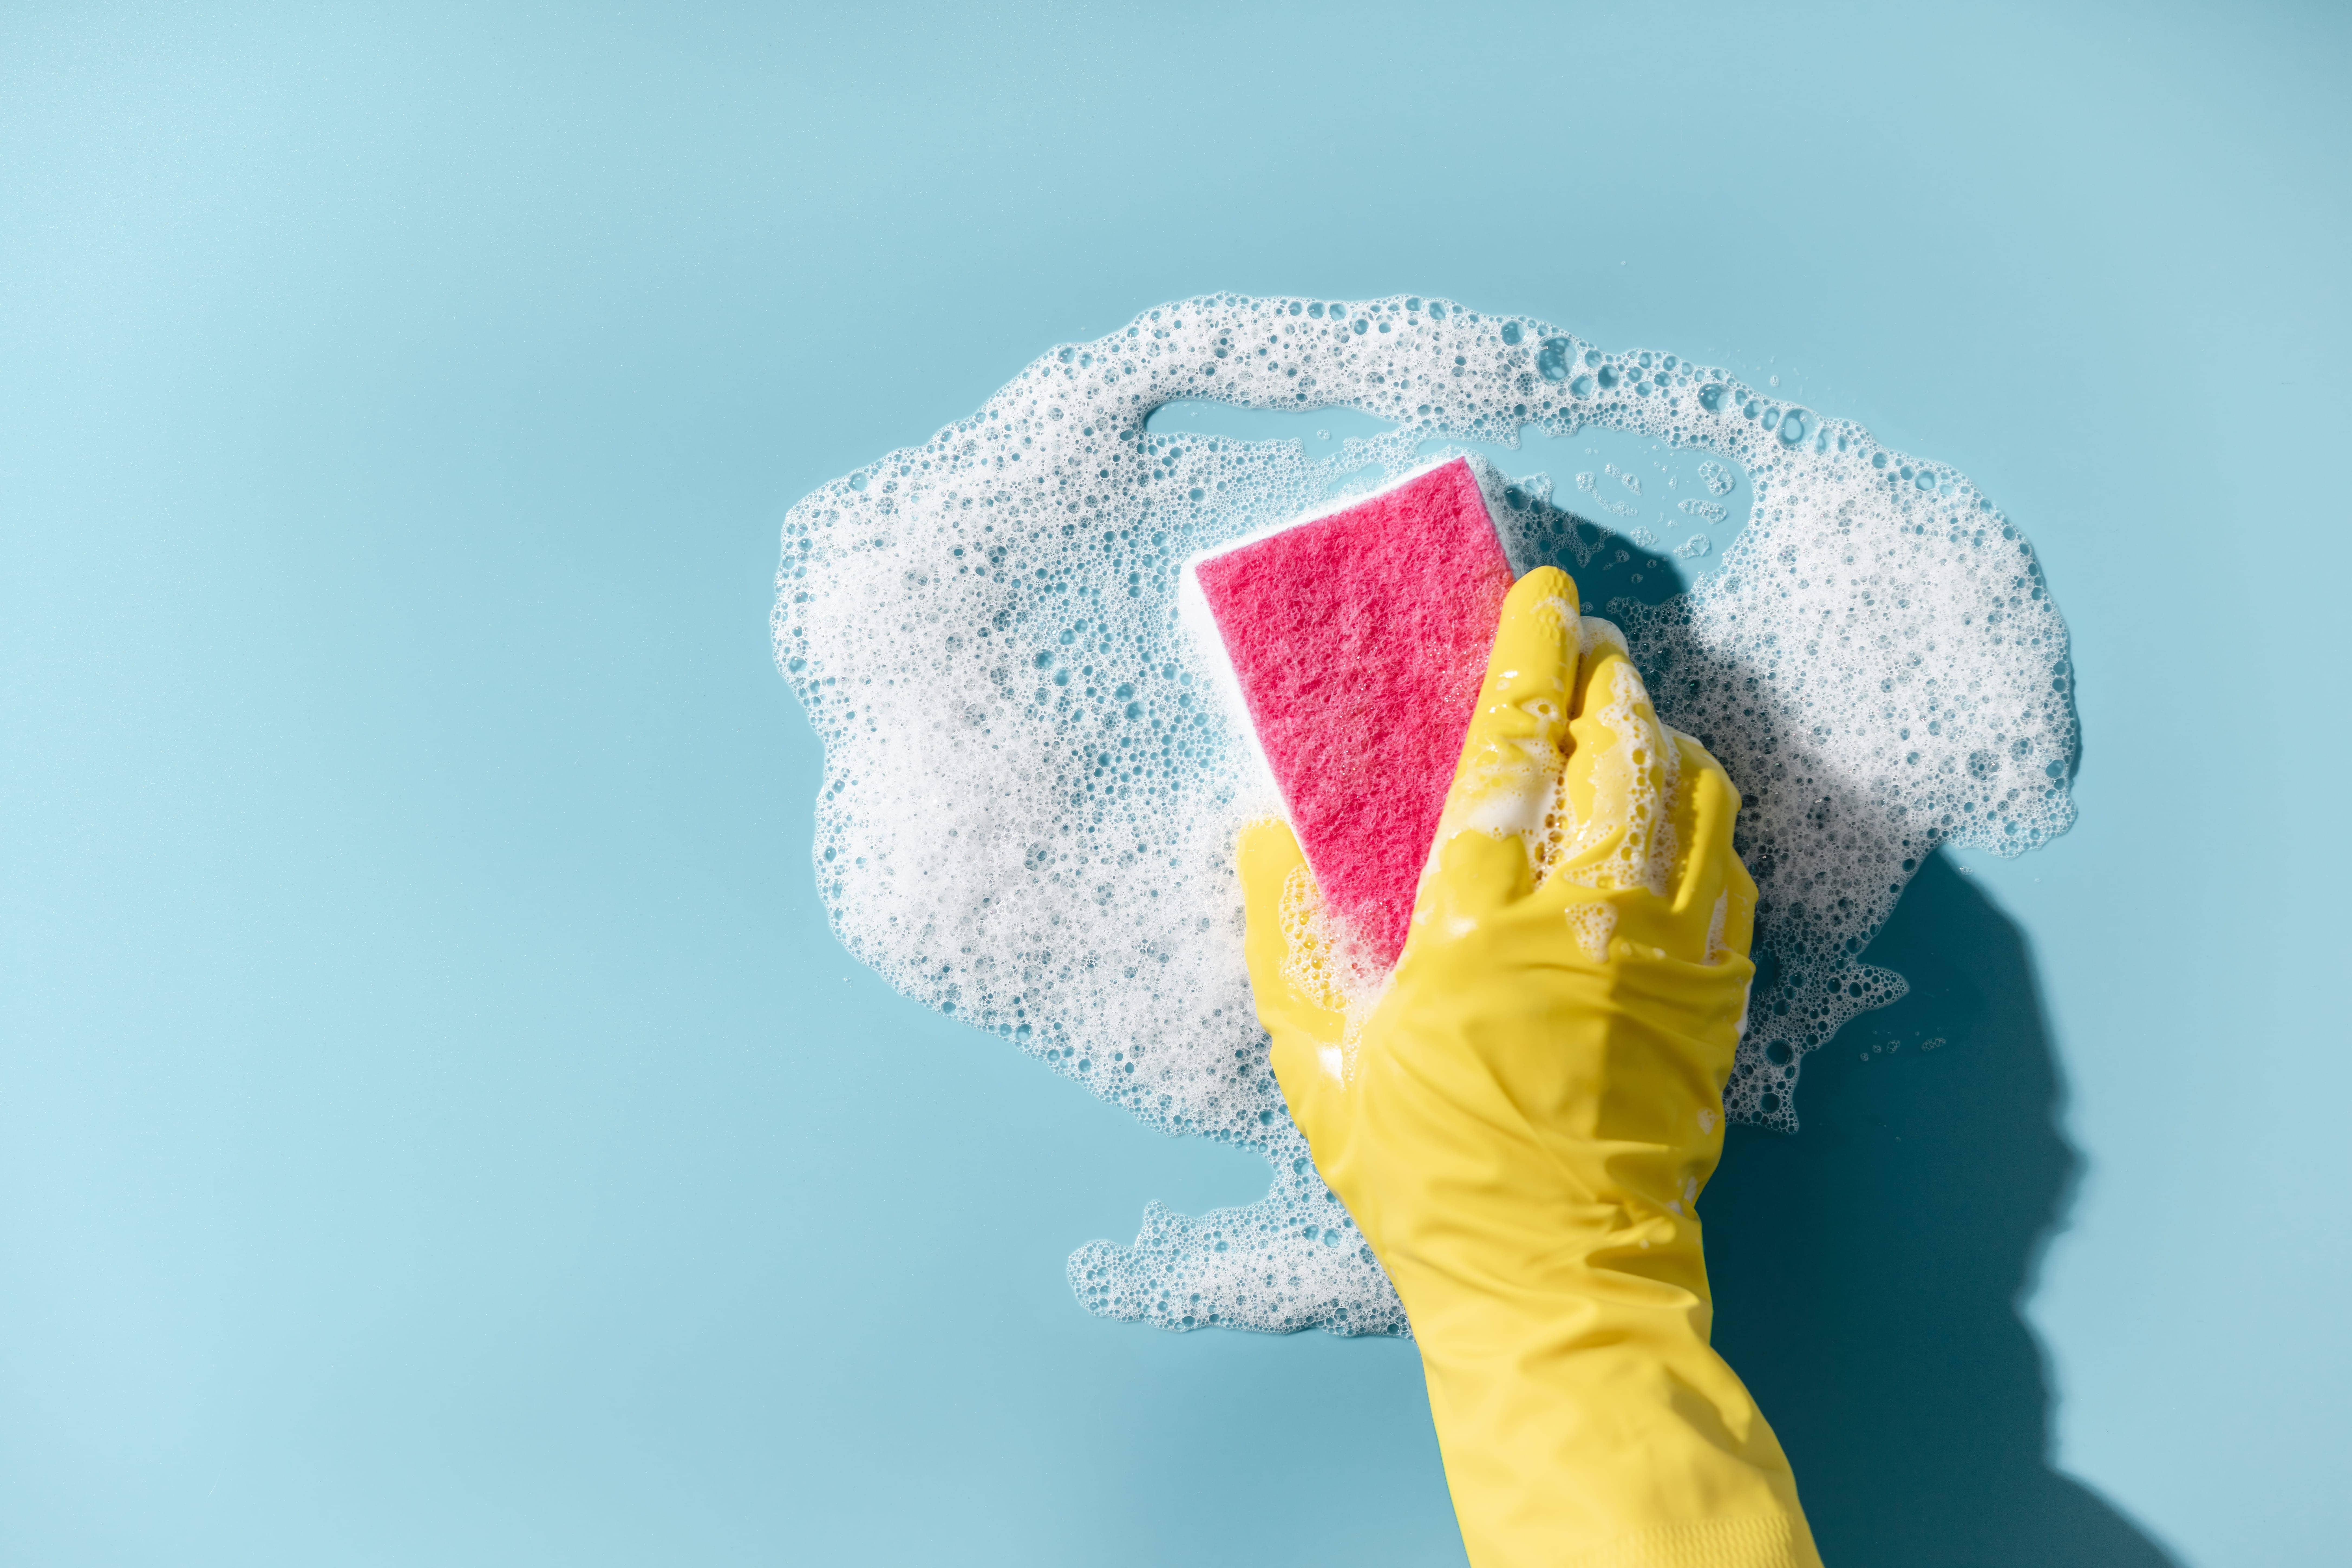 I servizi offerti dall'impresa di pulizie a Brescia